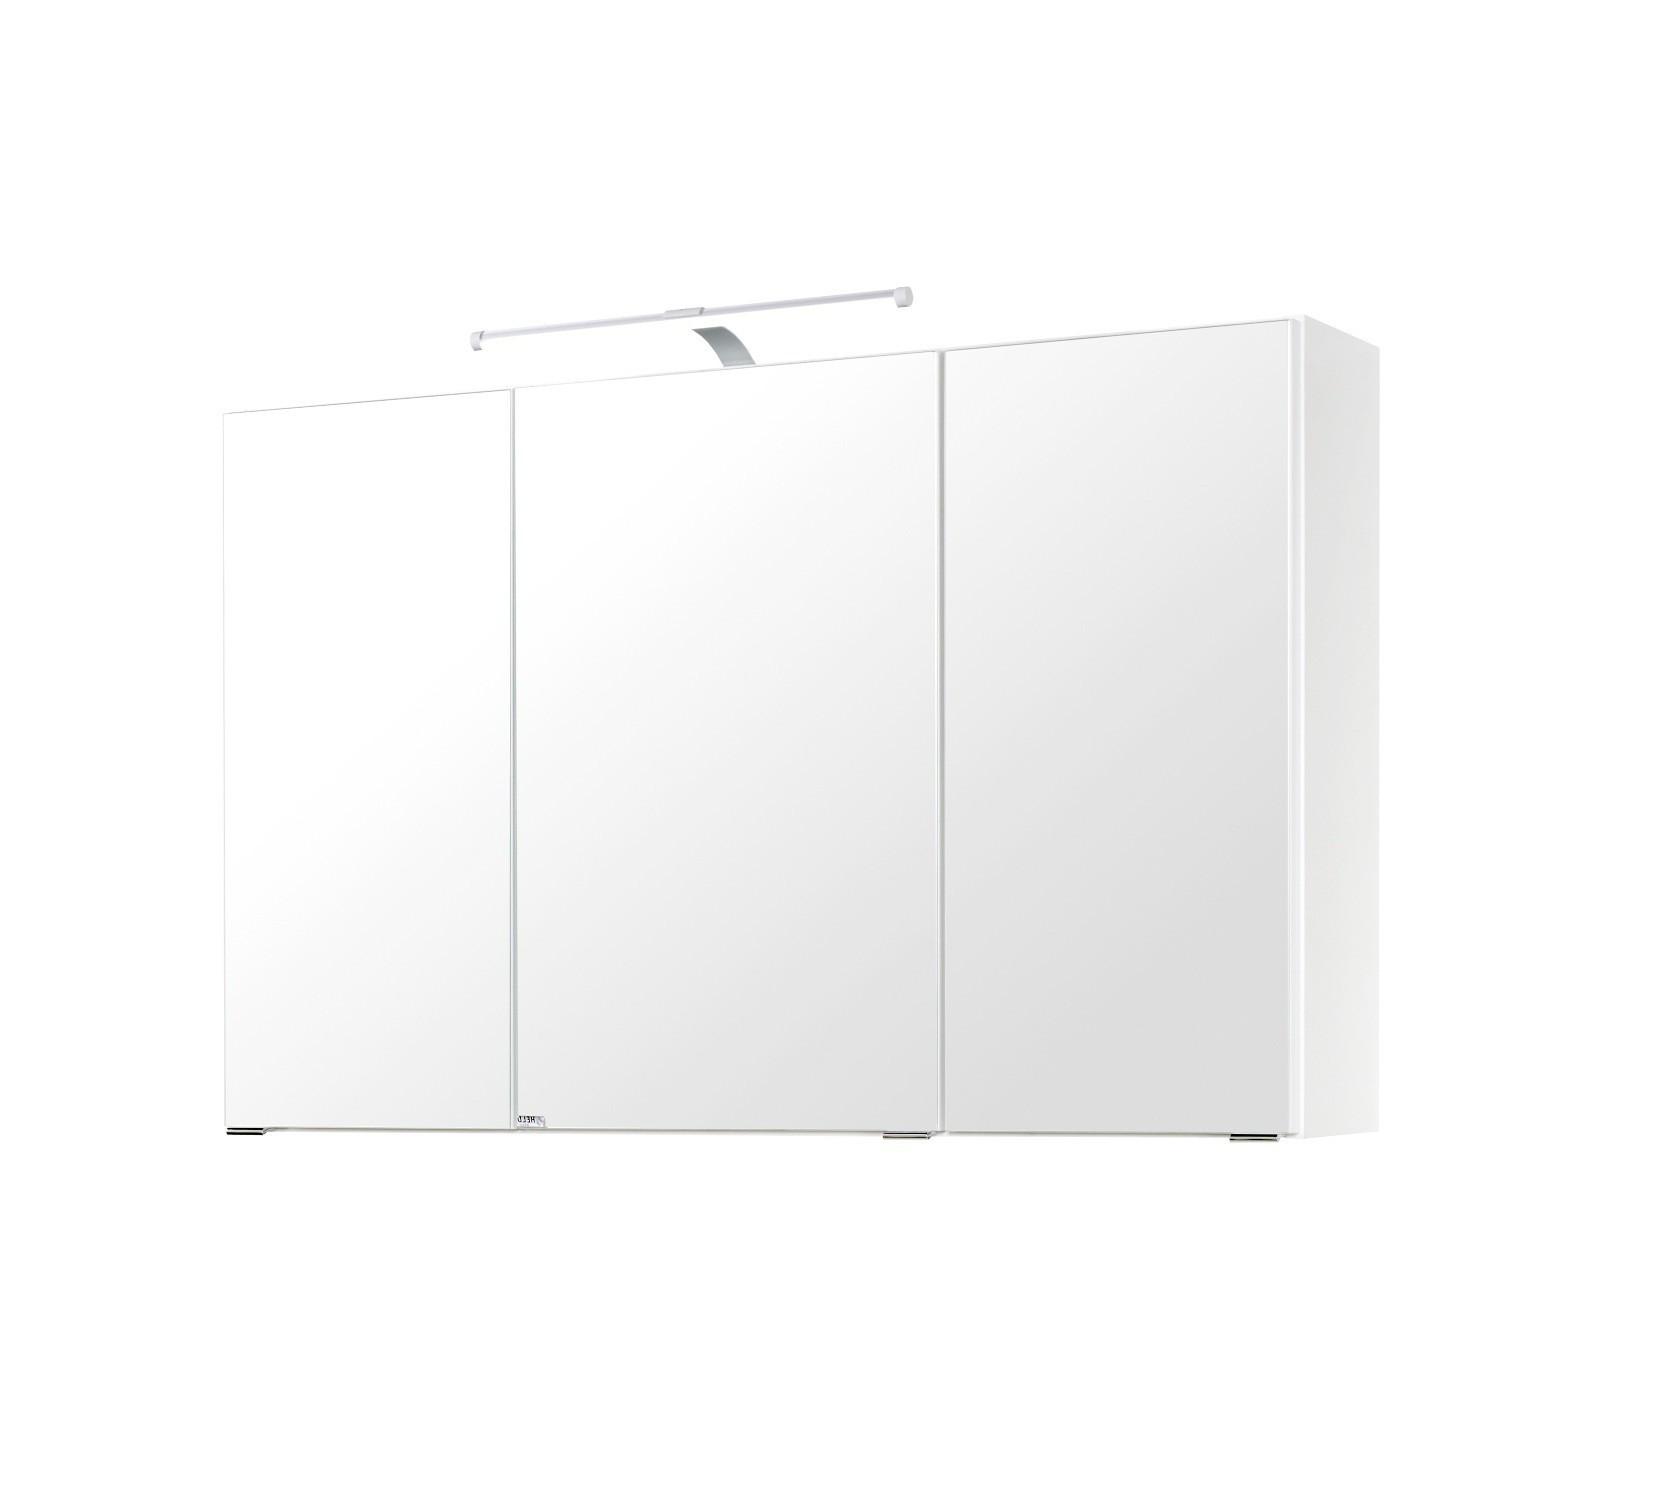 badm bel set florida waschtisch spiegelschrank 4 teilig 100 cm breit hochglanz wei. Black Bedroom Furniture Sets. Home Design Ideas